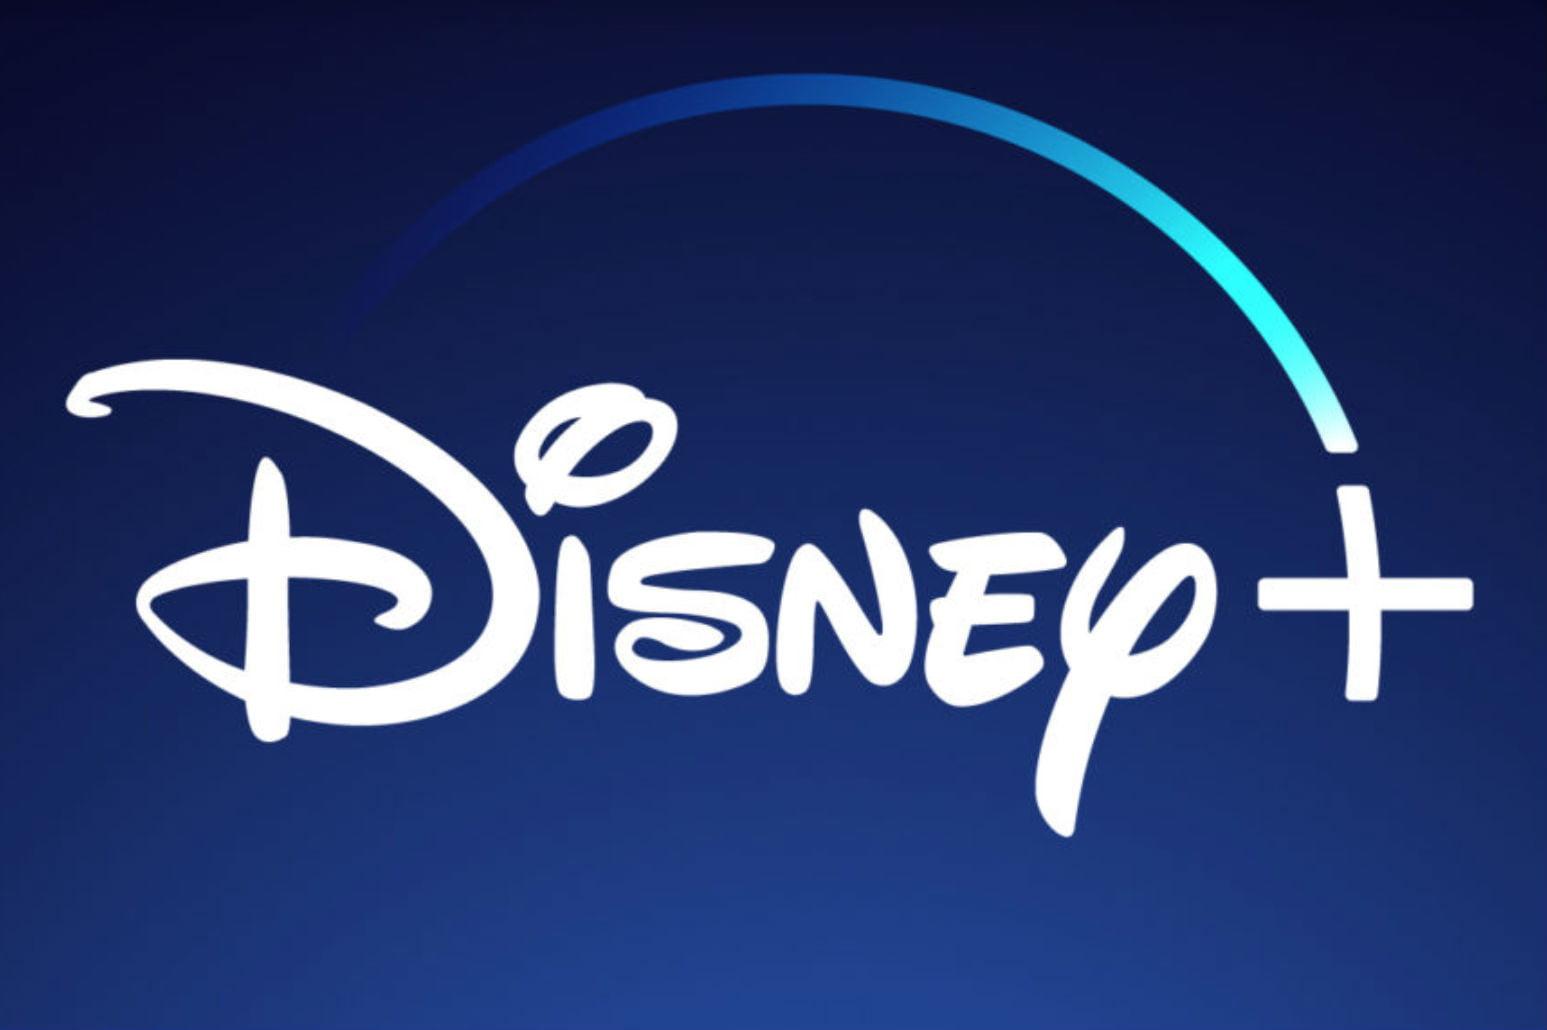 ديزني تحدد موعد الإطلاق والأجهزة الداعمة لخدمتها الحصرية ديزني بلس